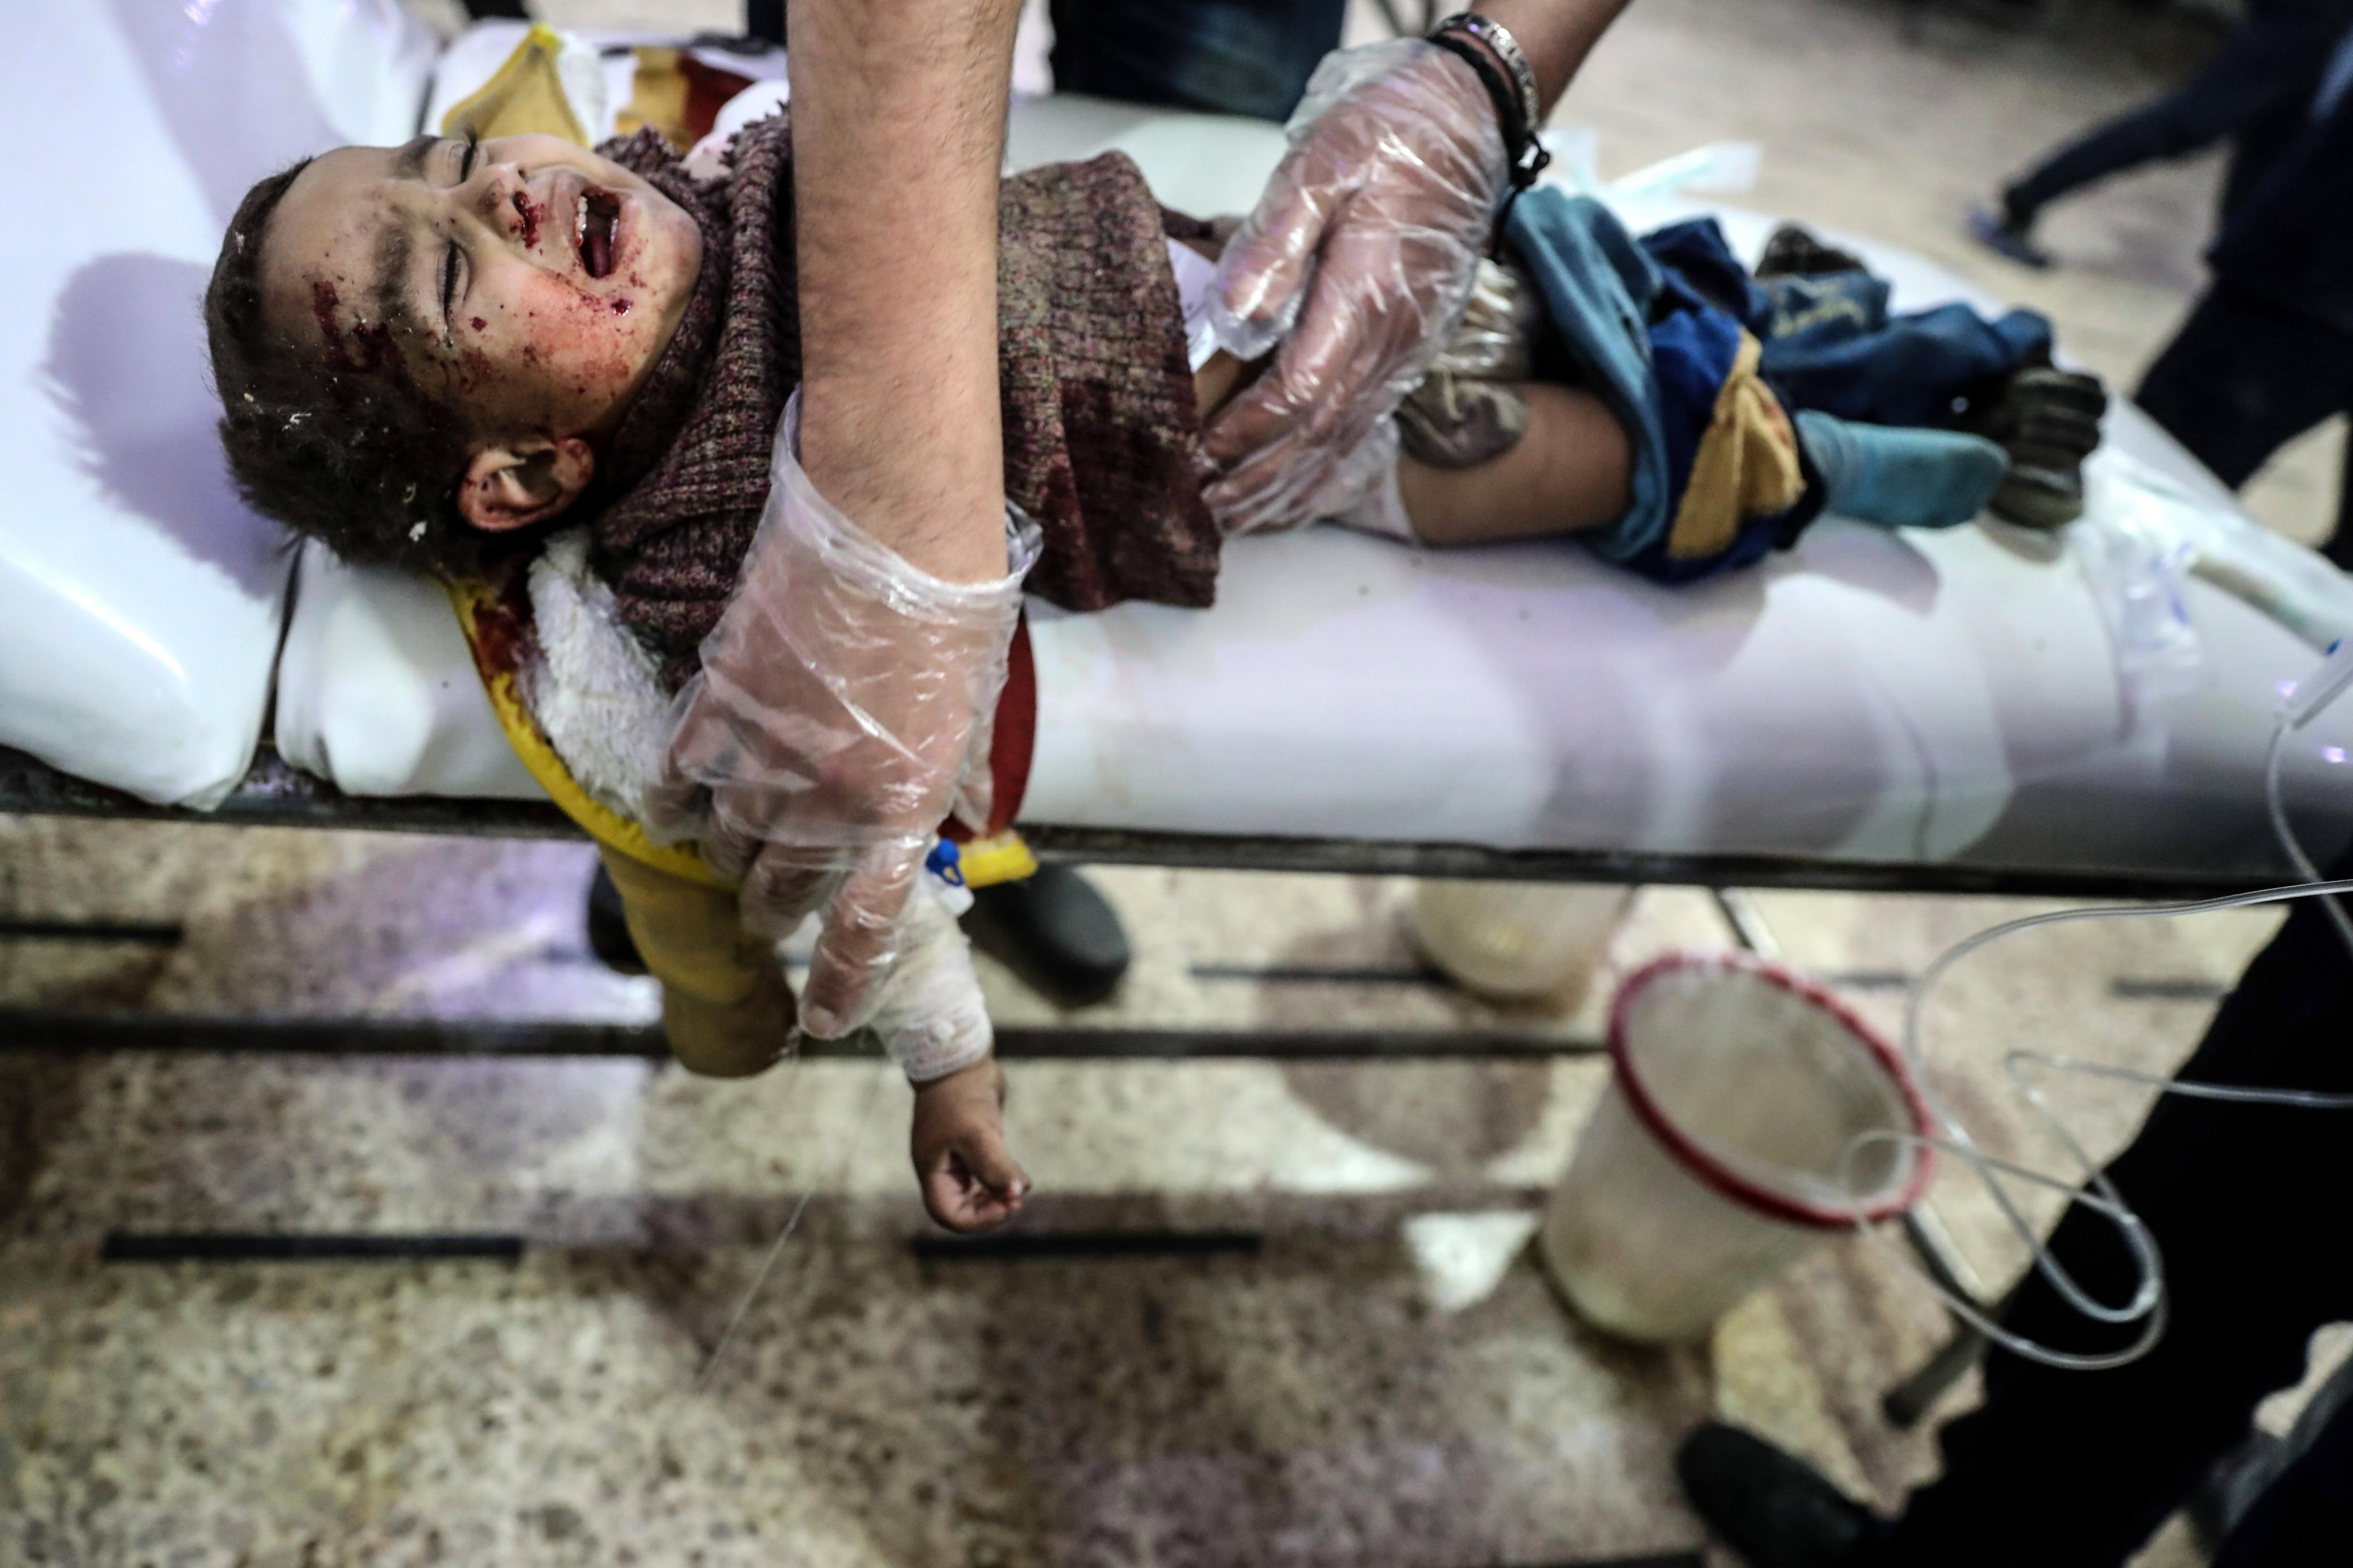 Un nin ferit rep atenció mèdica després d'un bombardeig contra els rebels a Douma, Ghouta Oriental, Síria. /MOHAMMED BADRA